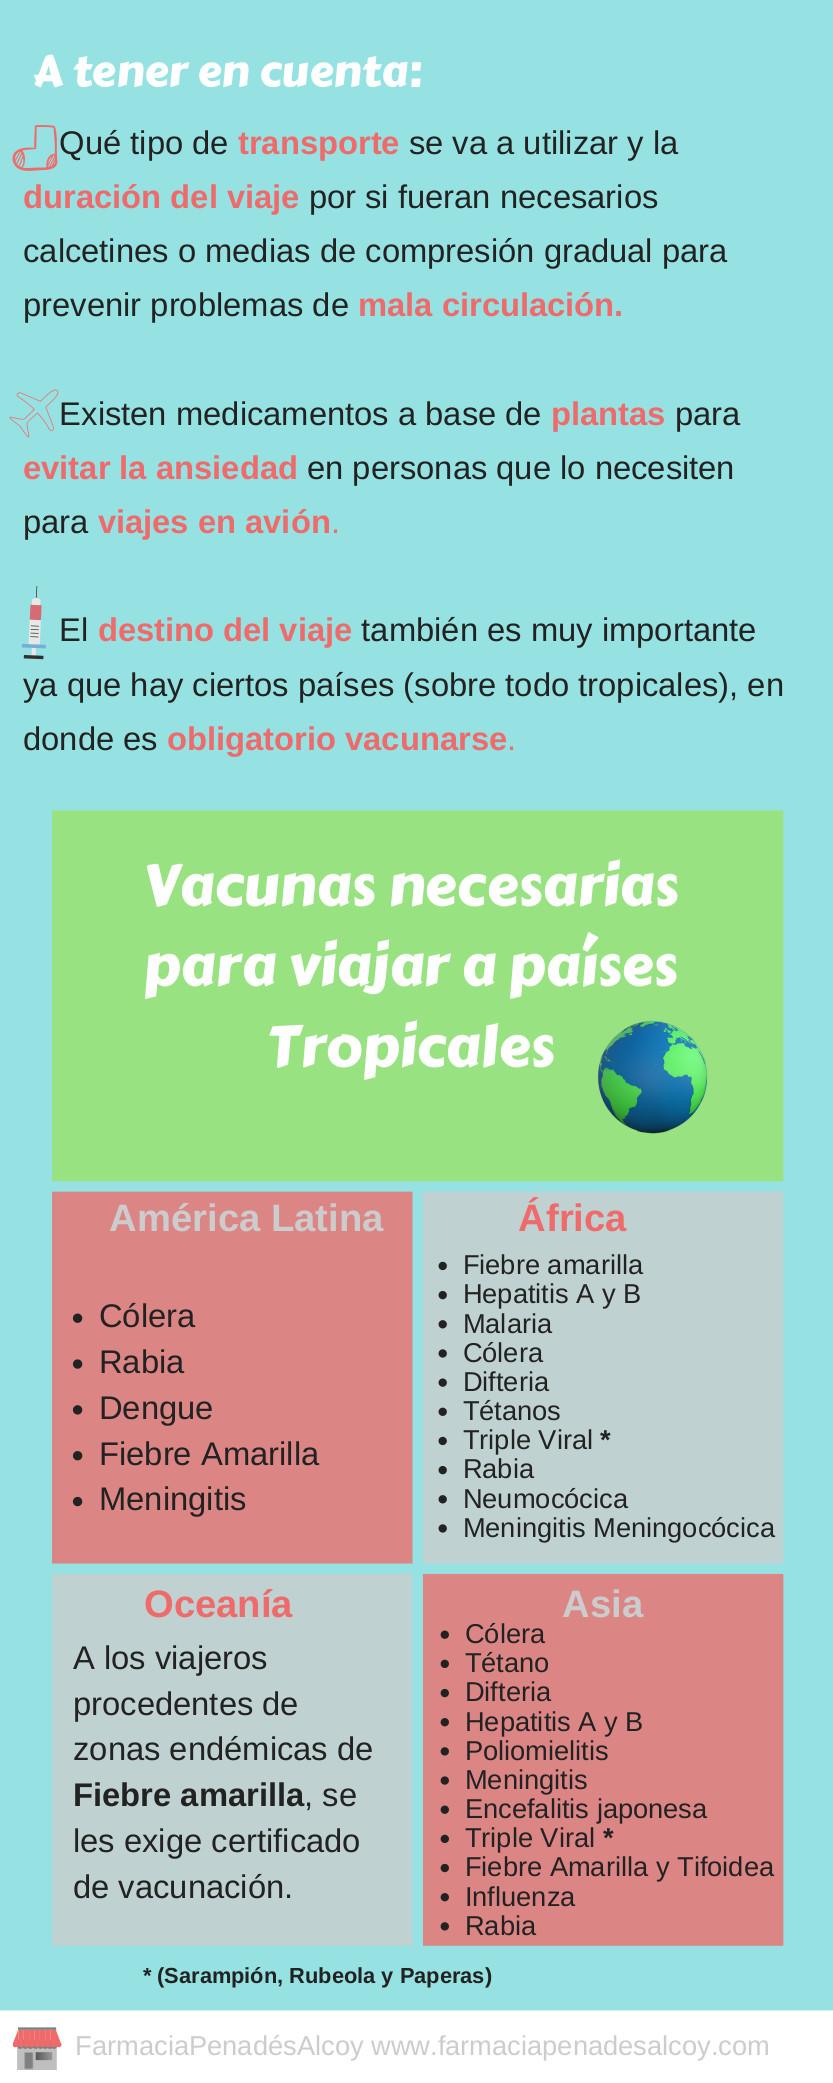 Vacunas necesarias para viajes